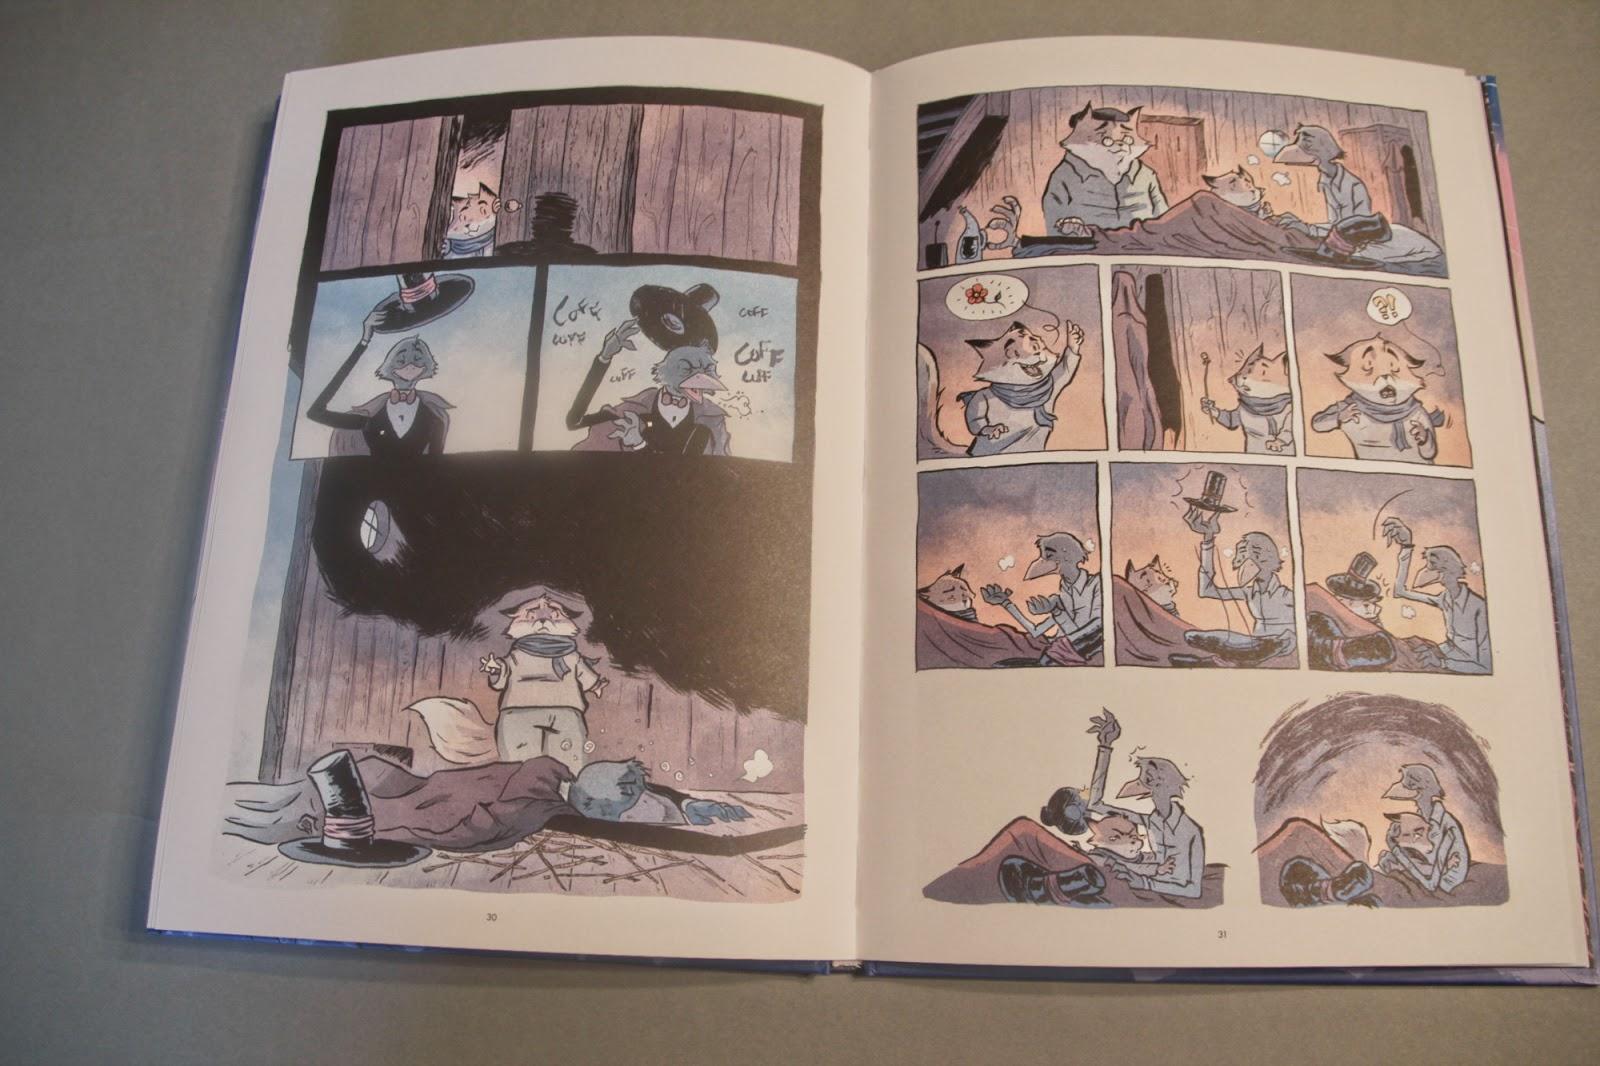 """komiks """"Płatki"""" Cris Peter, Gustavo Borges, timof"""